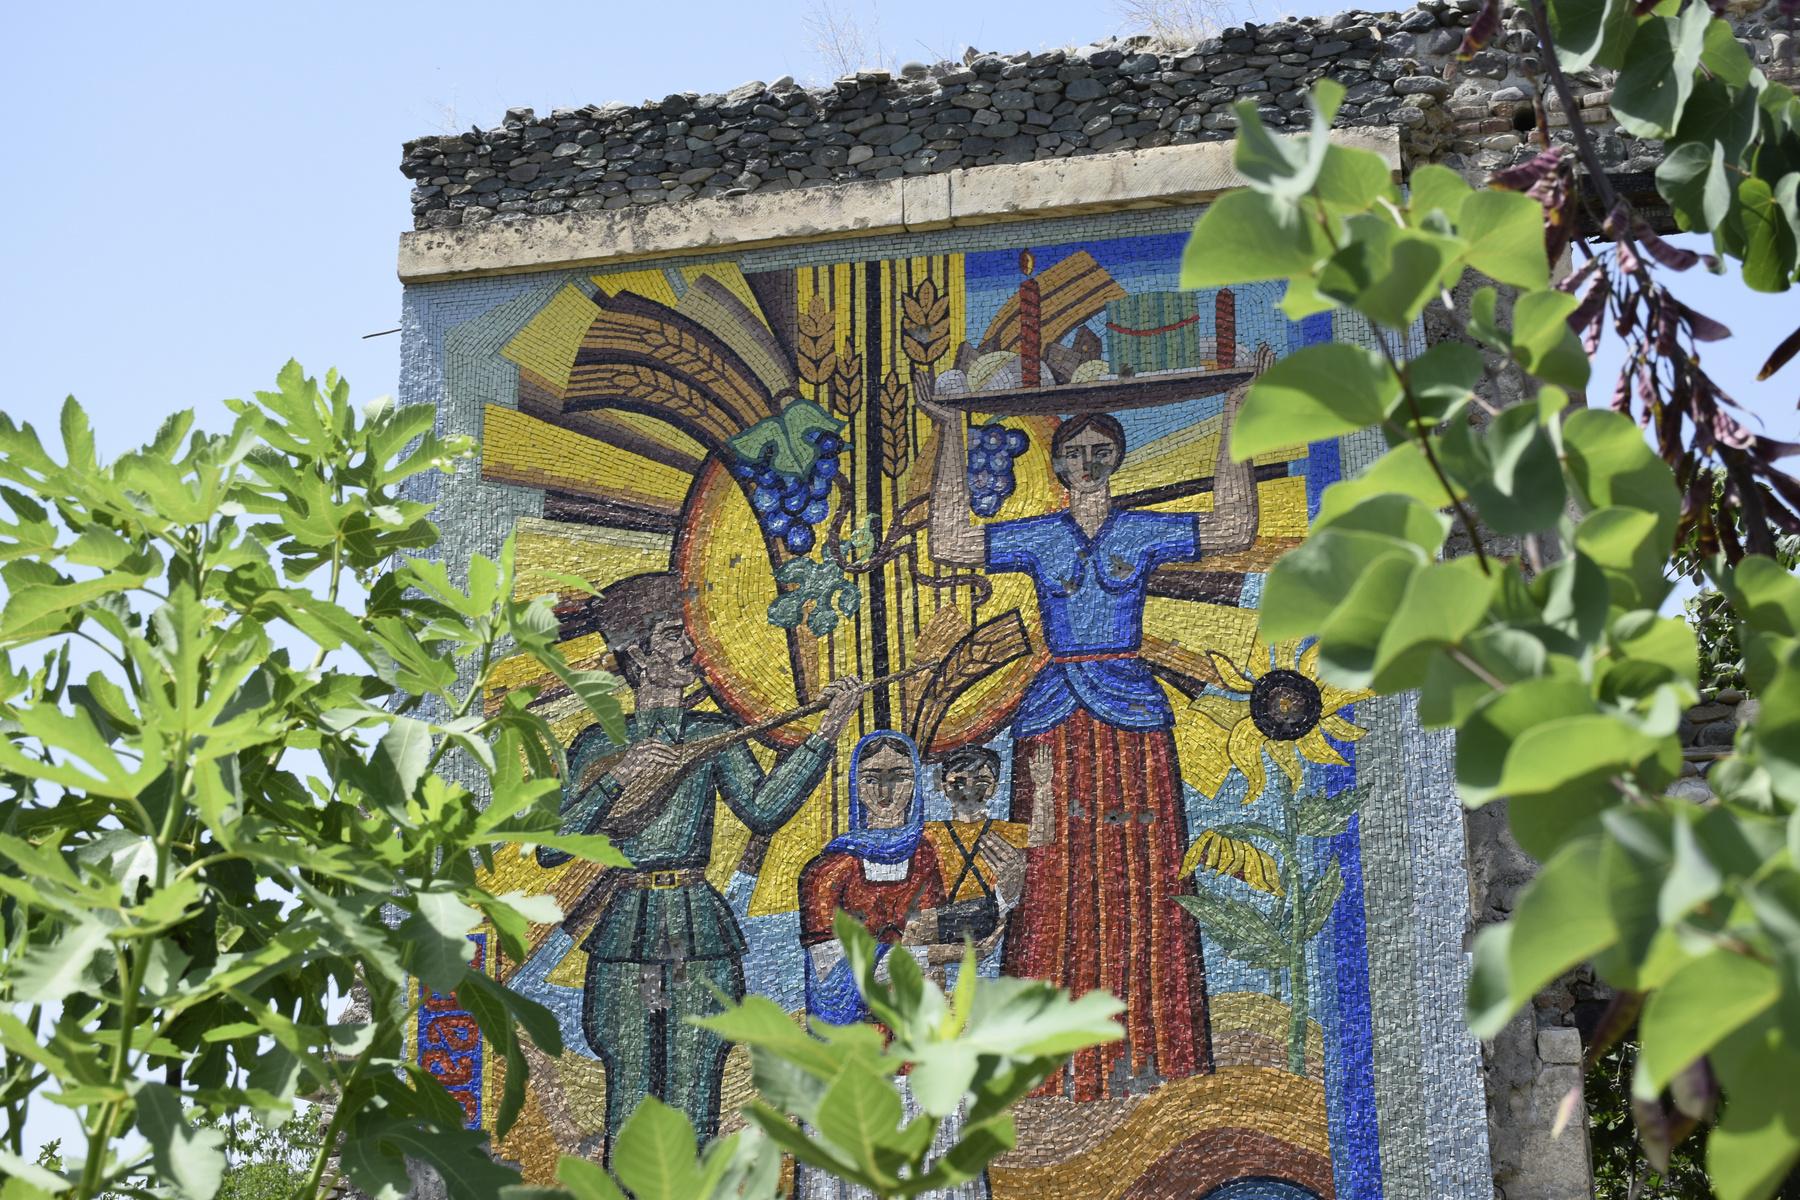 Agdam romjainak helyét hamarosan egy modern város veszi át.